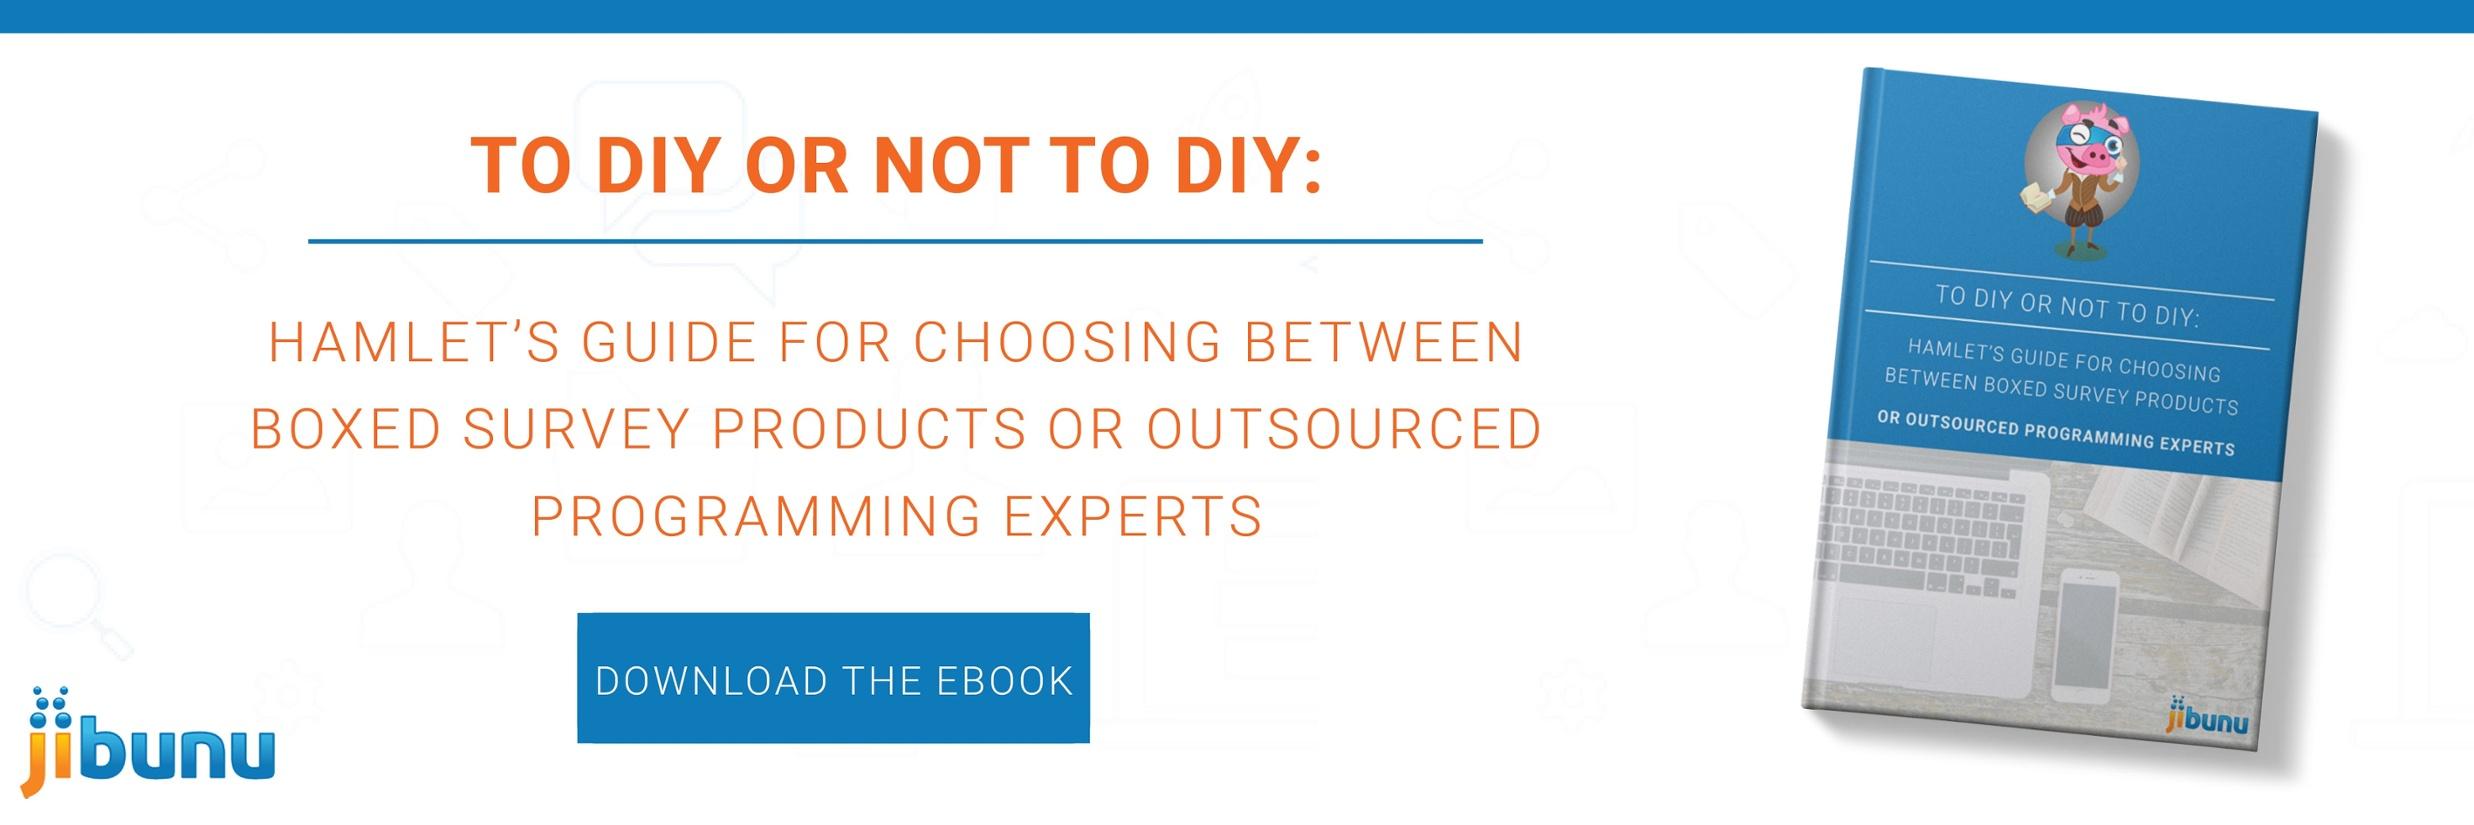 To DIY or Not to DIY